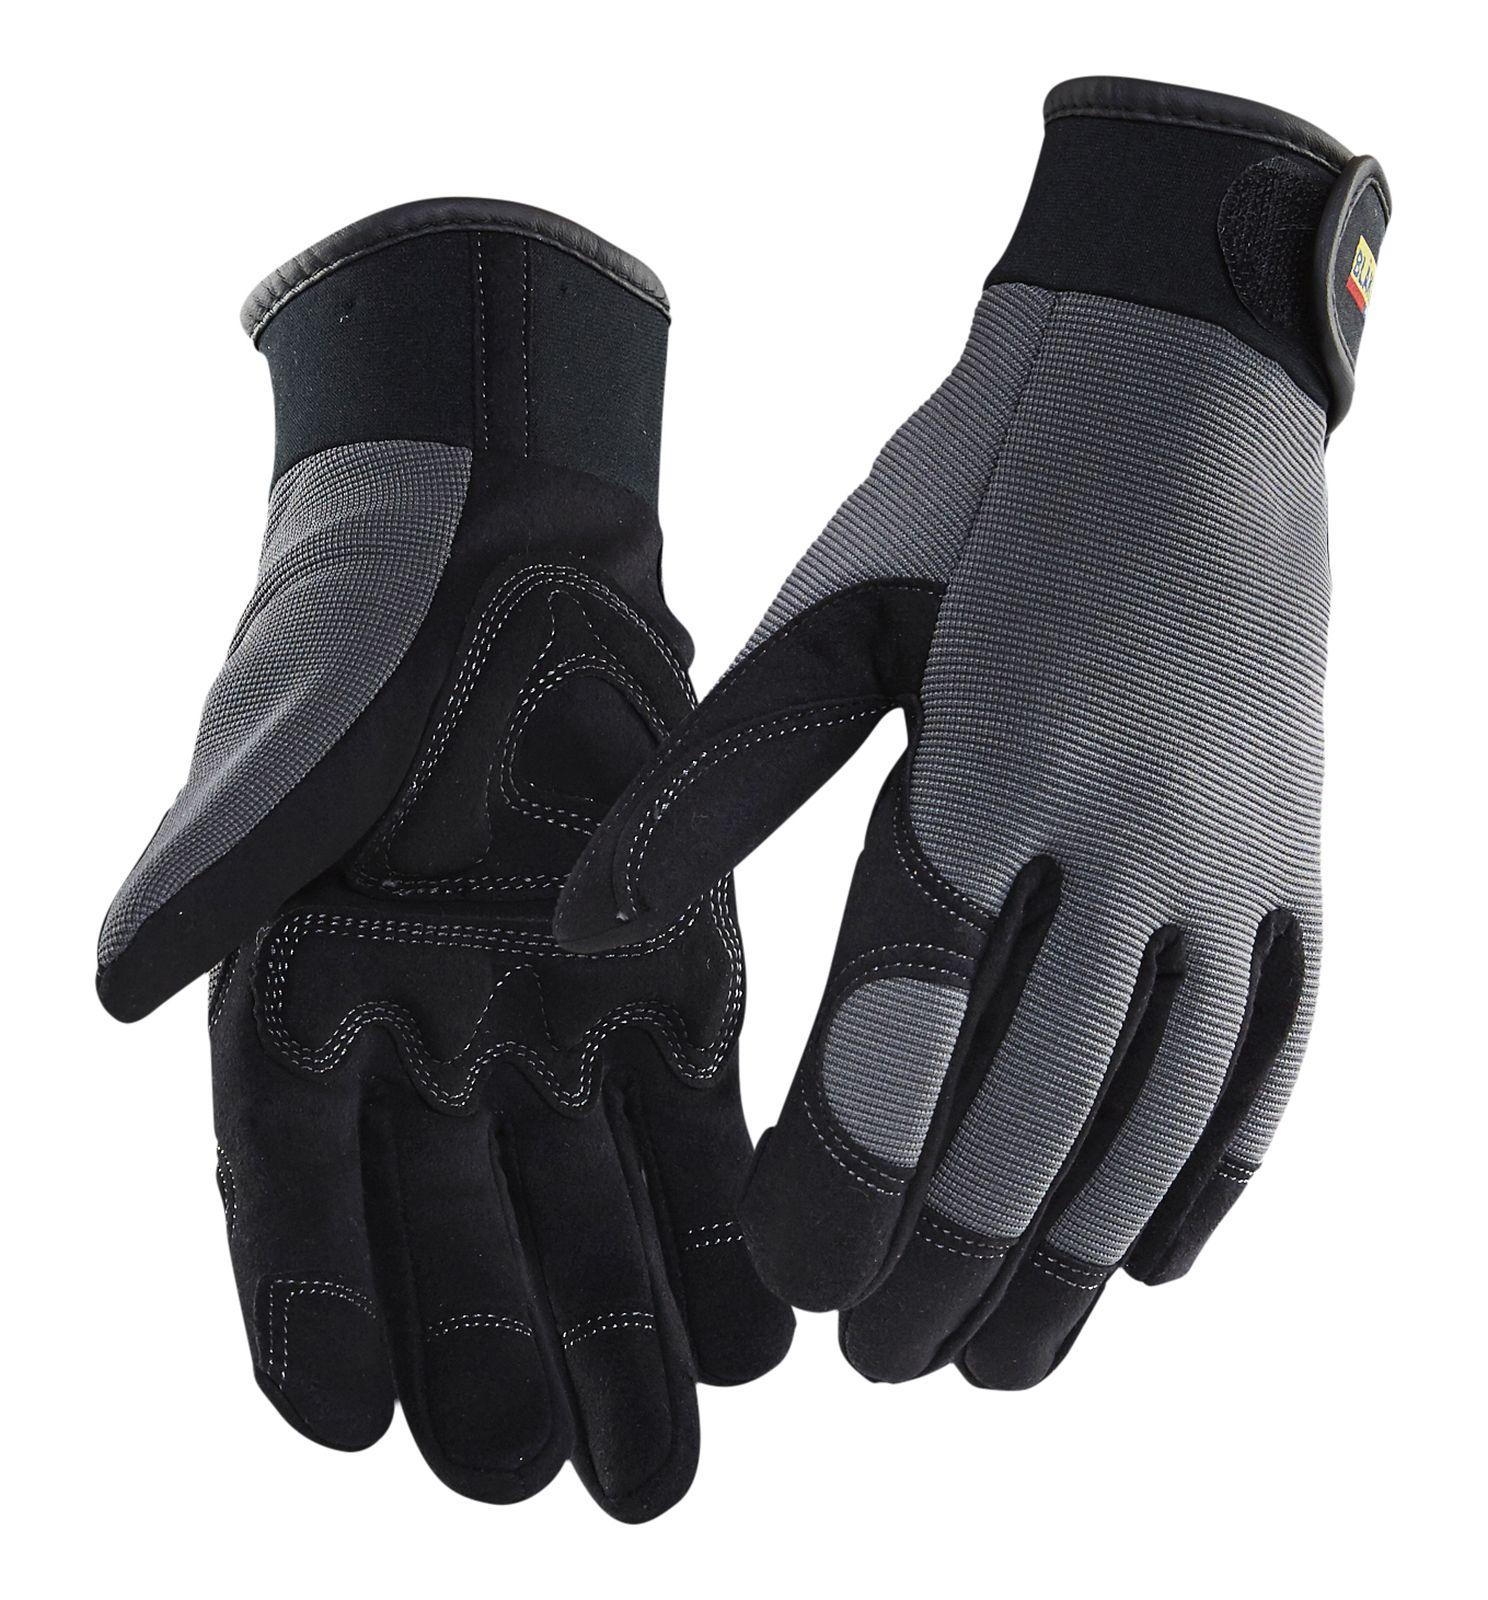 Blaklader Handschoenen 22353915 zwart-grijs(9994)